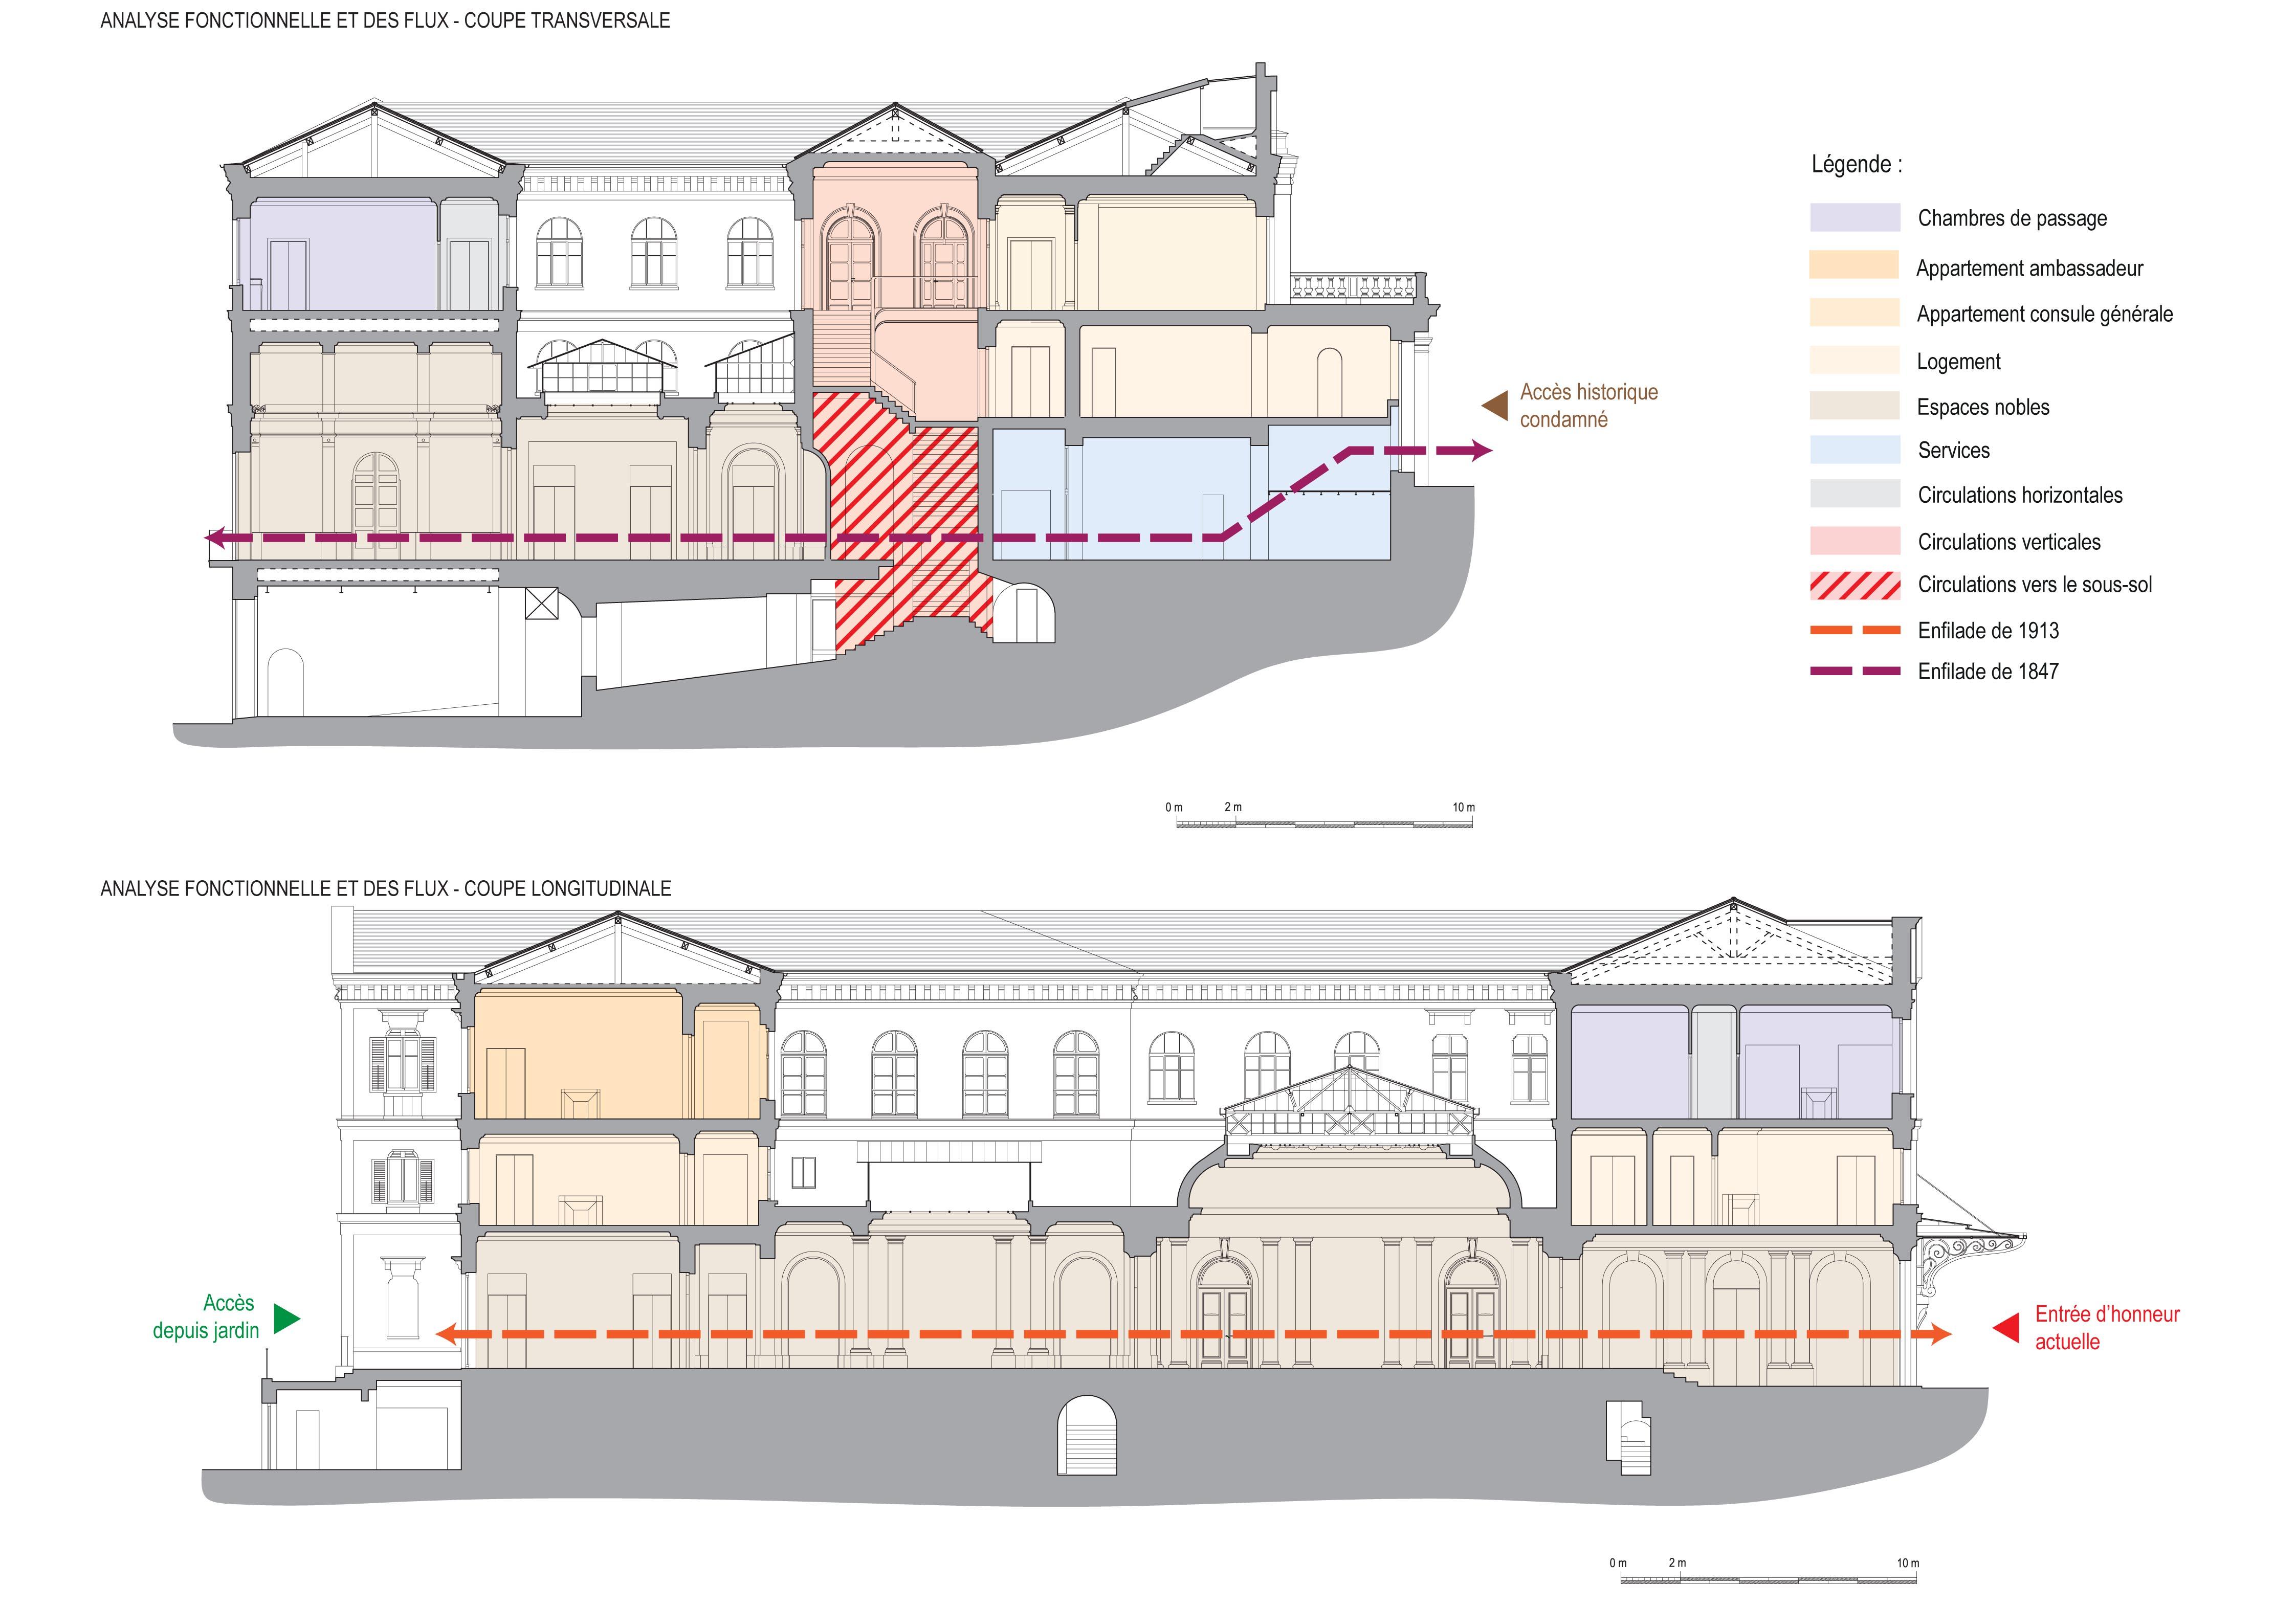 Agence Caillault ACMH – Palais de France, Istanbul – Extrait de l'analyse fonctionnelle, coupes longitudinale et transversale